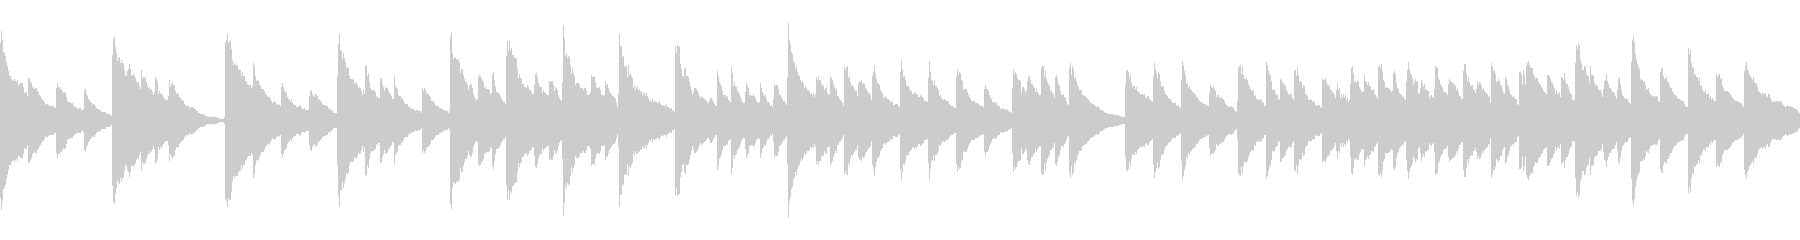 静か穏やか子守唄【ループ】の未再生の波形